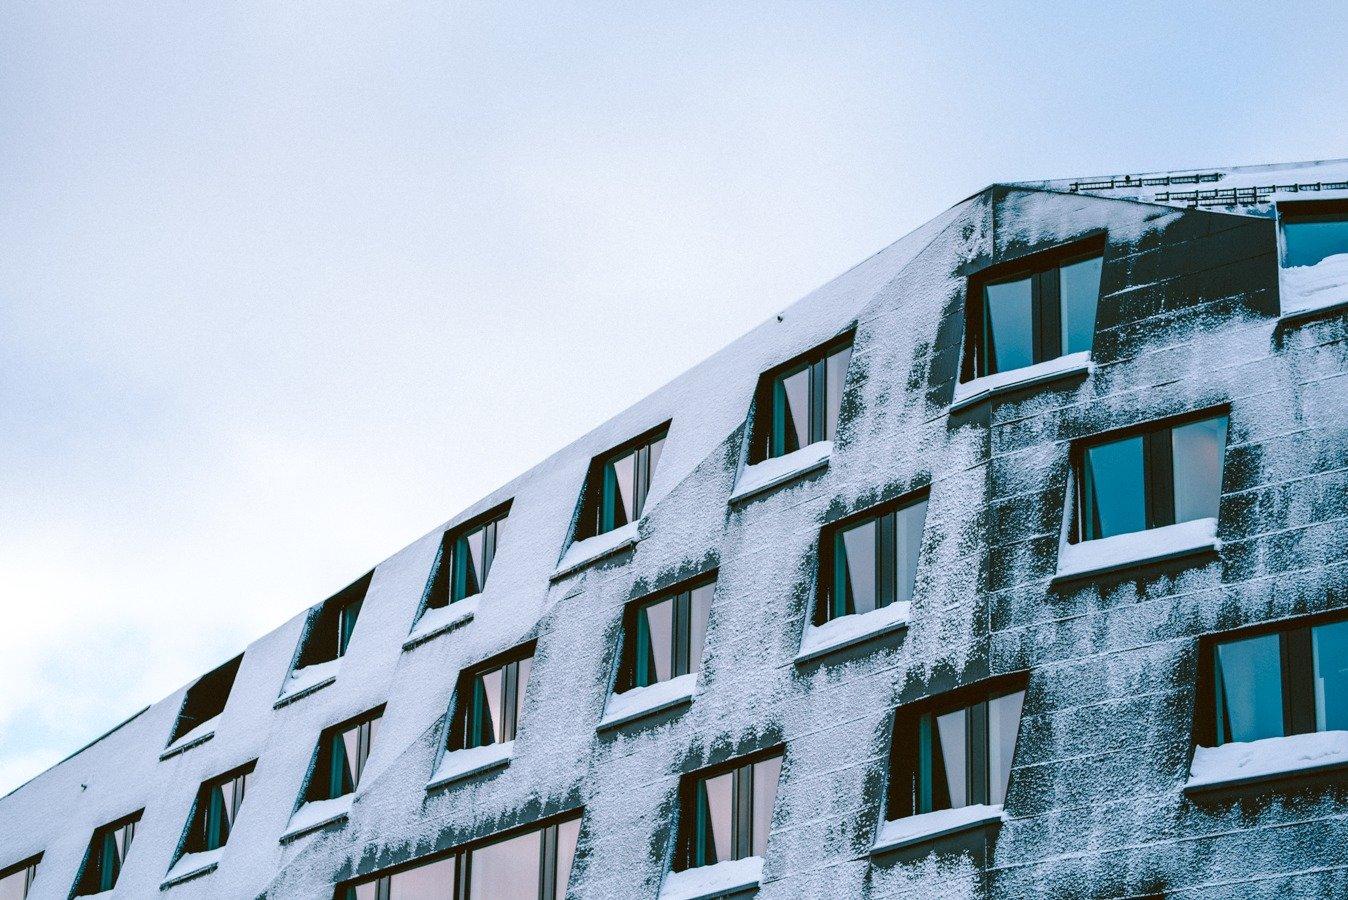 Tromso in winter